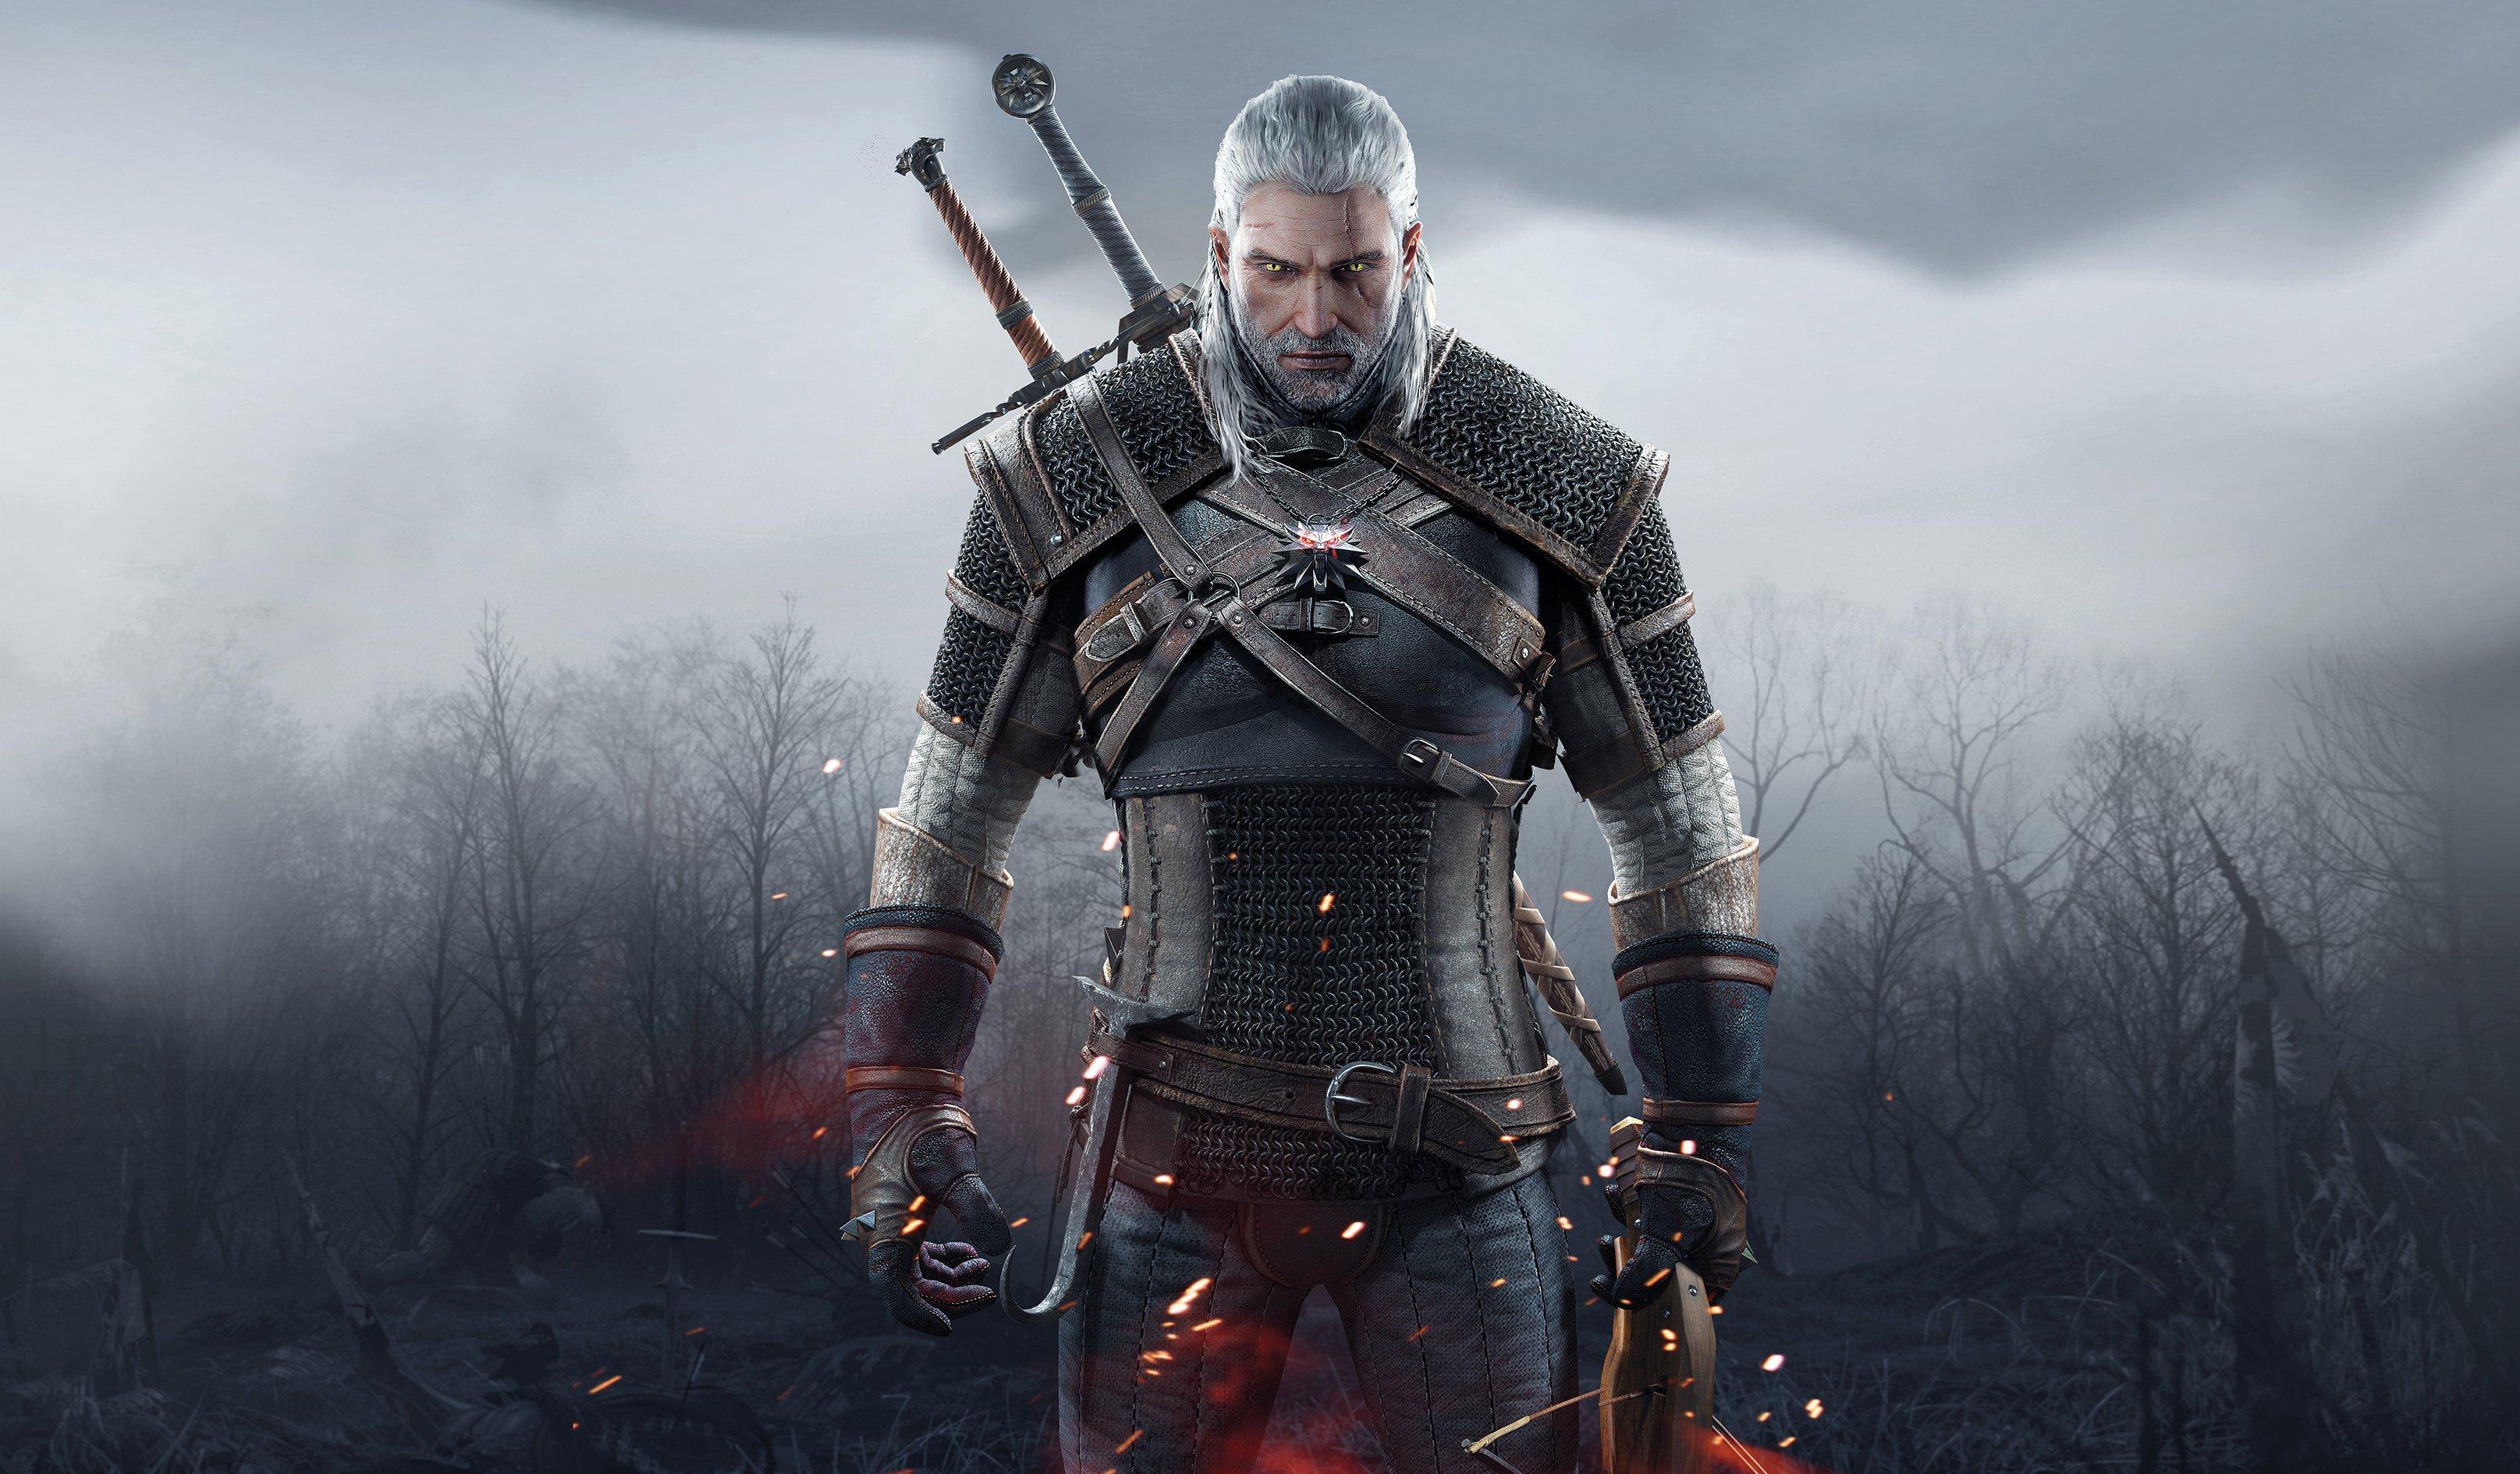 The Witcher 3: Wild Hunt. Оценки!  GameSpot — 10/10  Одна из лучших игр в истории  GameGuru - 10/10 Gameswelt - 10/ .... - Изображение 7